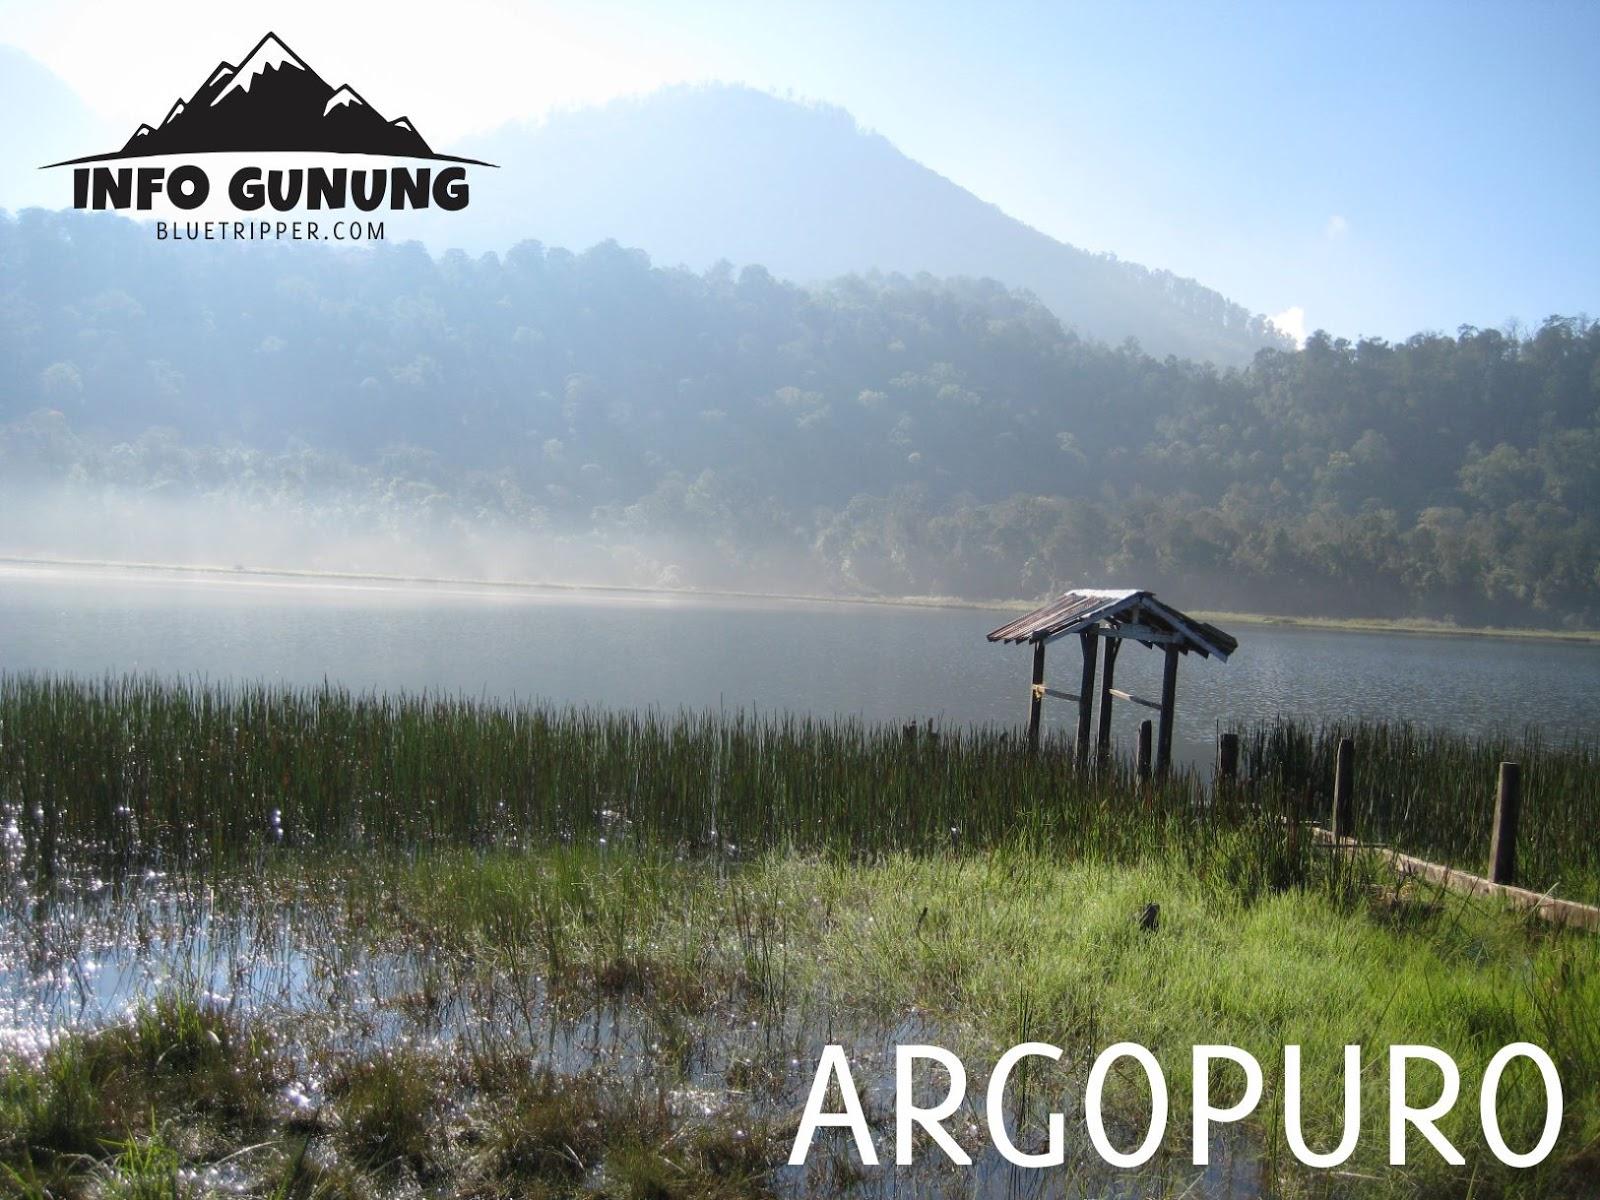 Gunung Argopuro 3 088 Mdpl Xplore Wisata Operator Wisata Dan Provider Pendakian Gunung